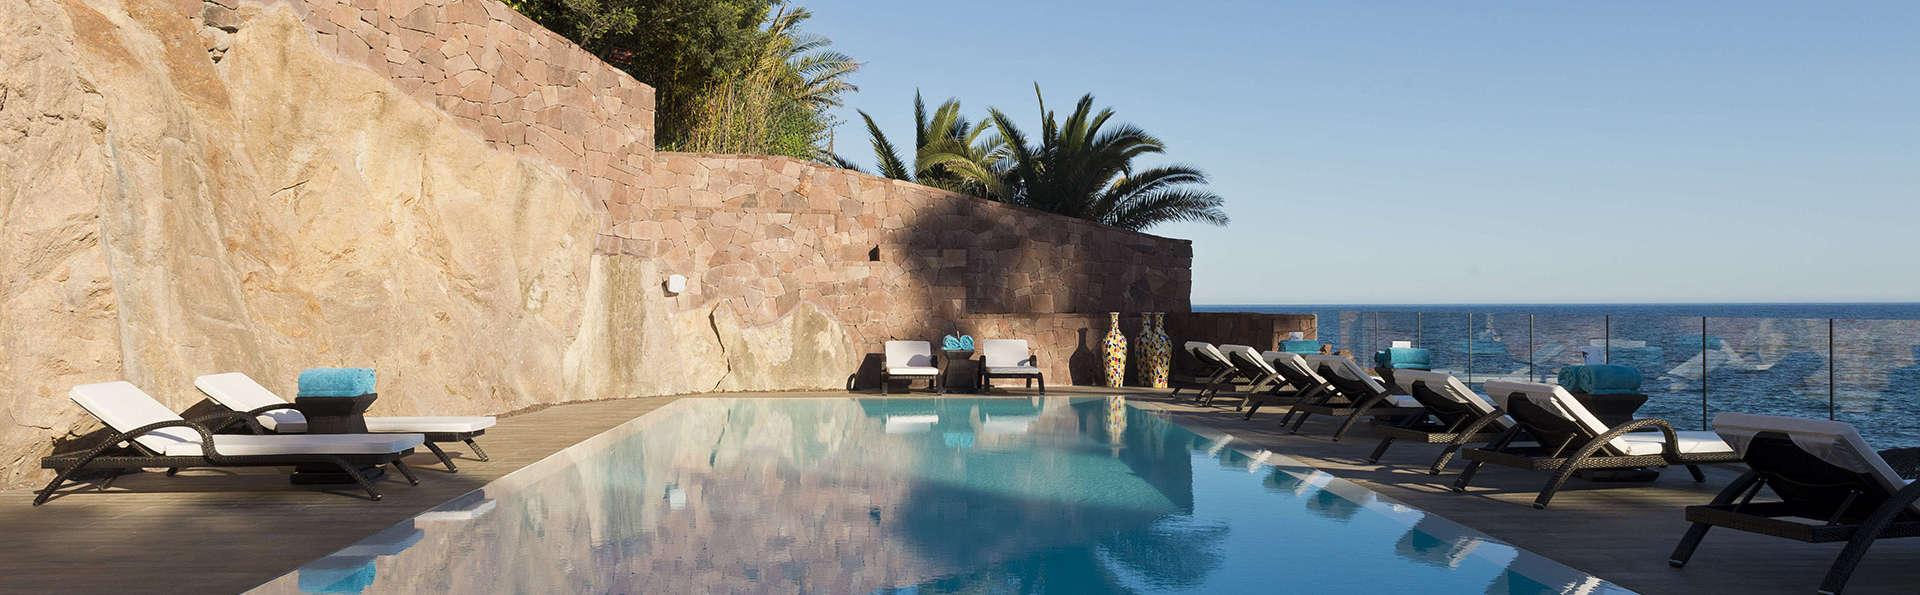 Détente et vue à couper le souffle dans une crique de la Côte d'Azur